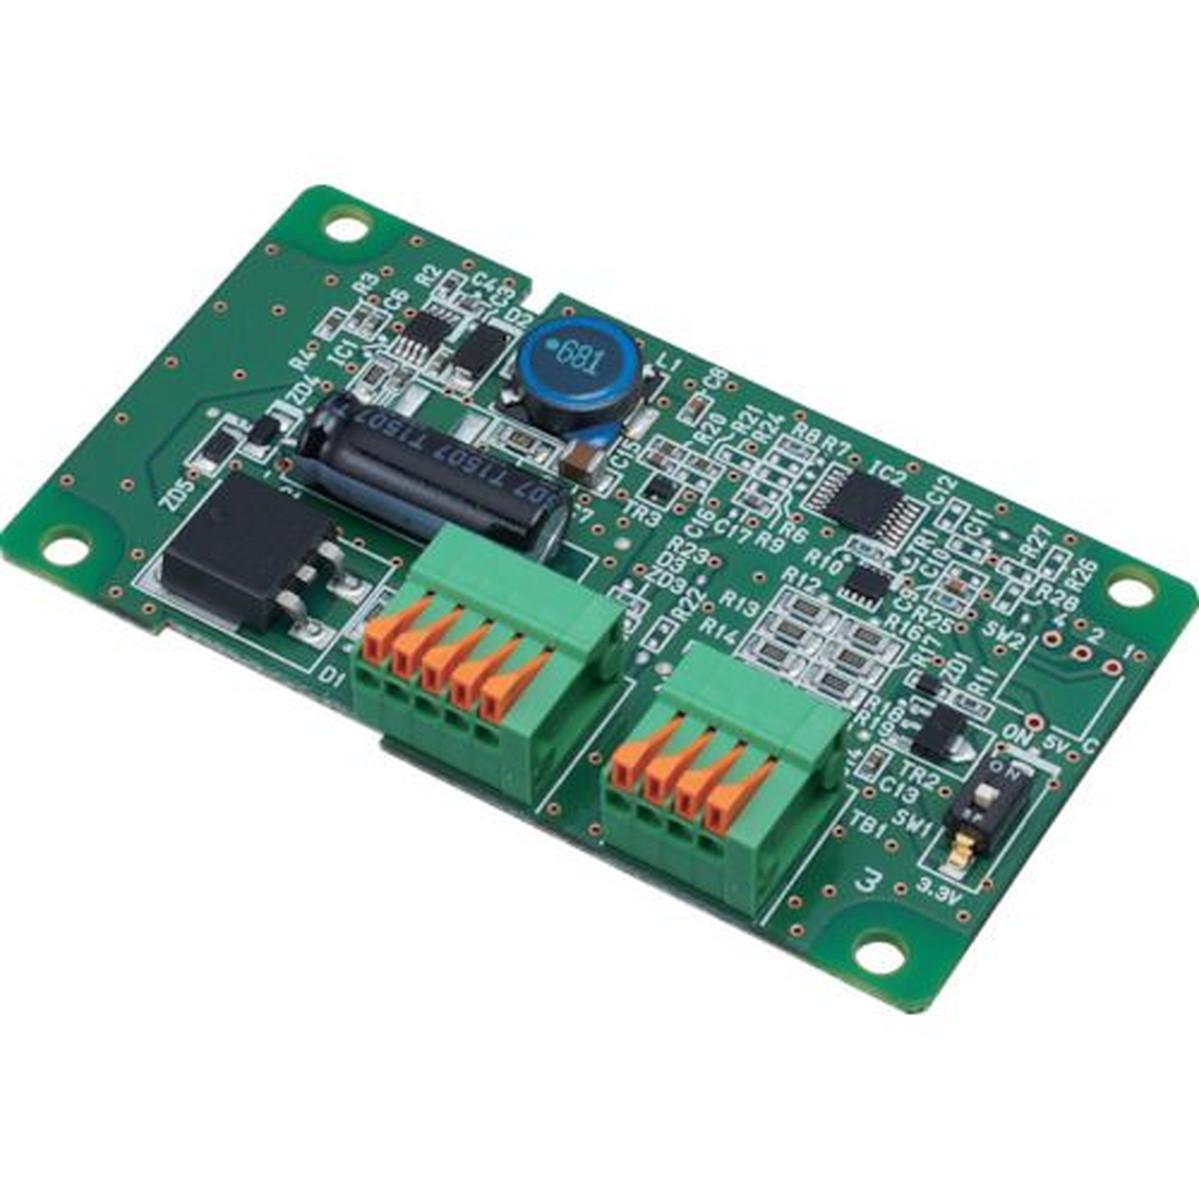 一番の SanACE SanACE 1台 PWMコントローラ 基板タイプ 基板タイプ 電圧コントロール 1台, shouei net shop:17b5e607 --- bungsu.net